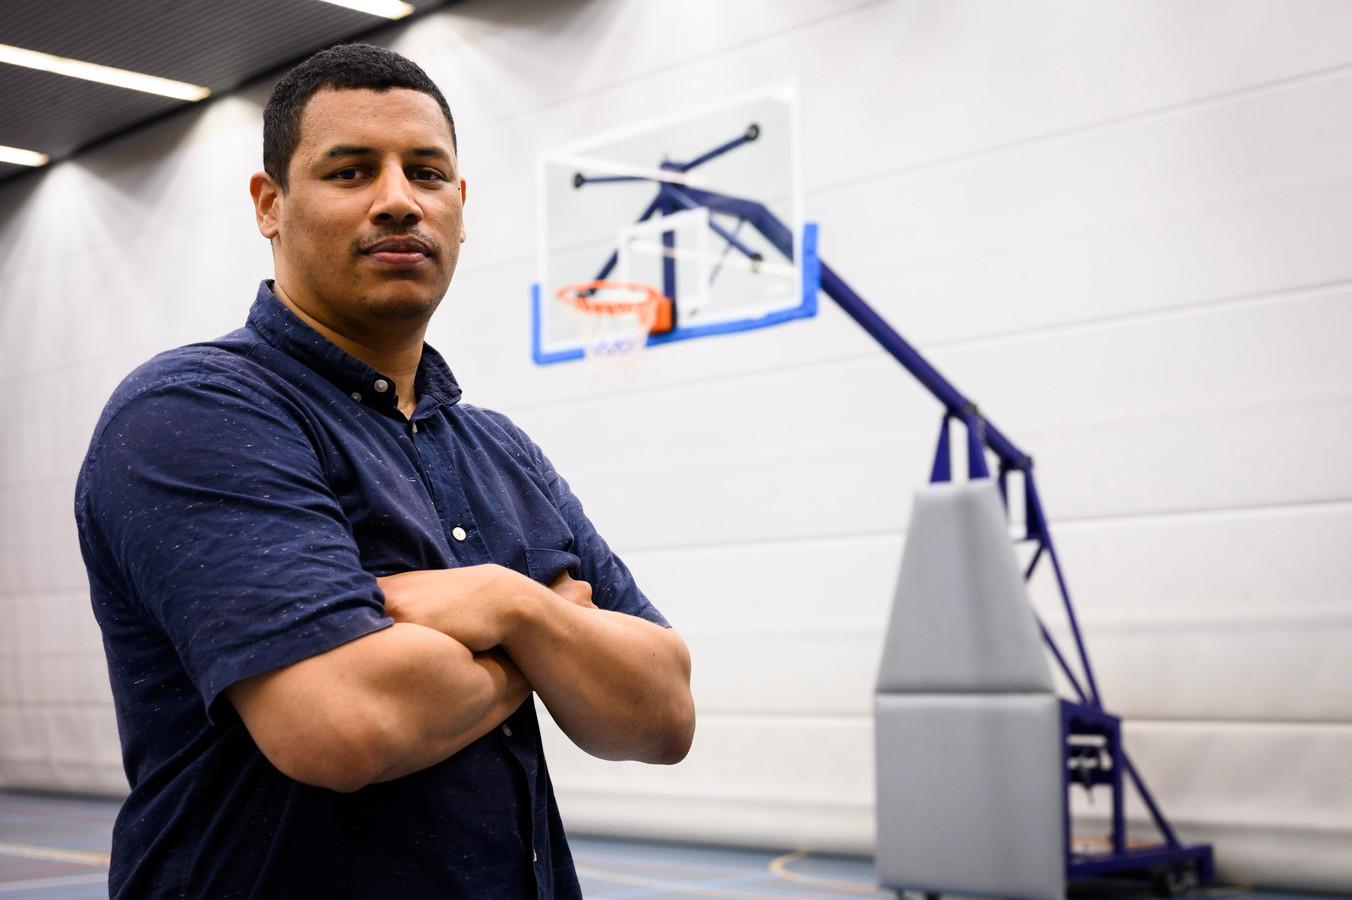 Dordtenaar Gino Ragueb is speler af en gaat - bij River Trotters - verder als basketbaltrainer.